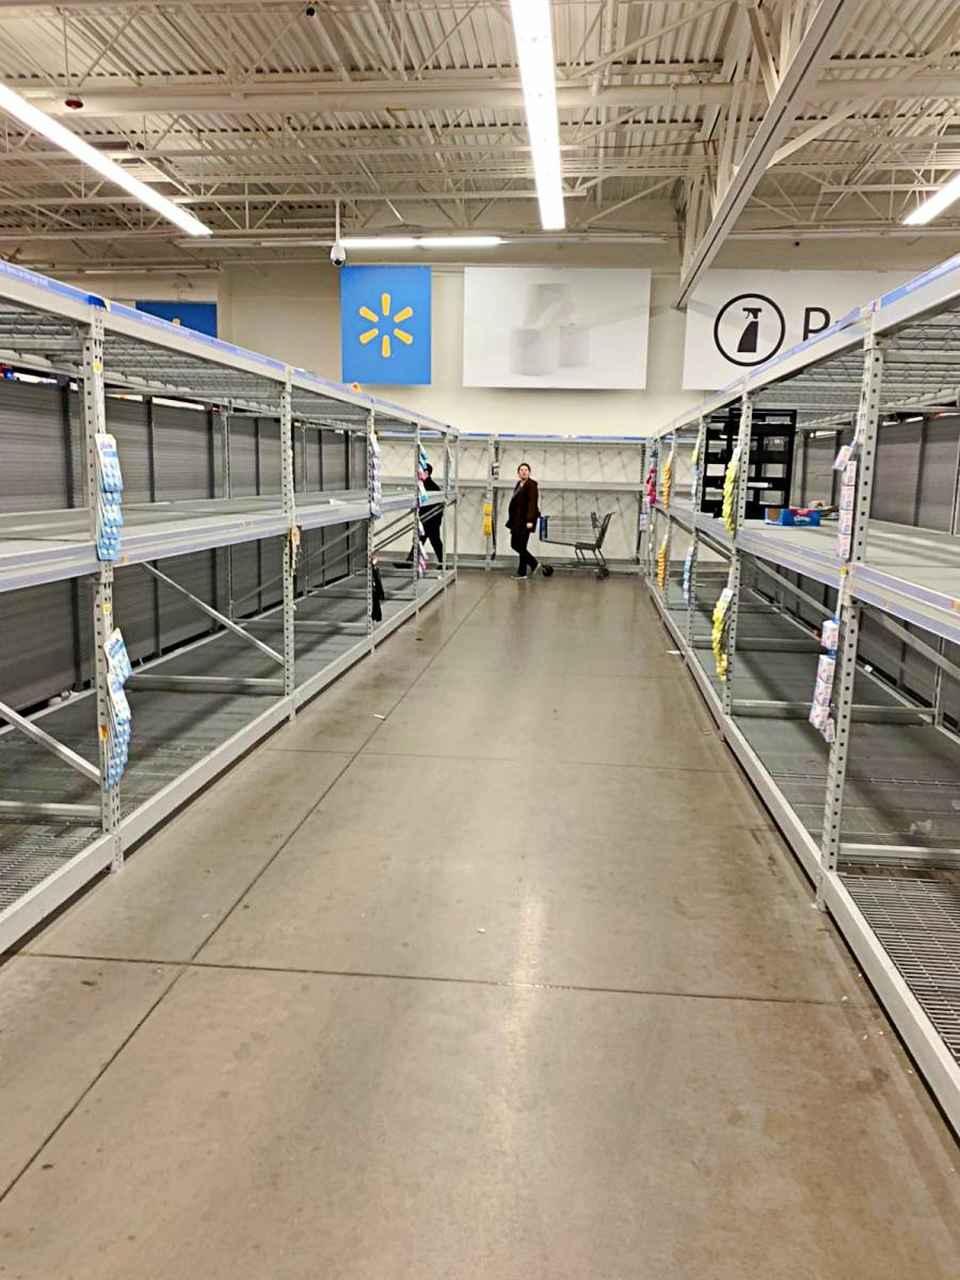 Supermercado, falta de produtos de limpeza